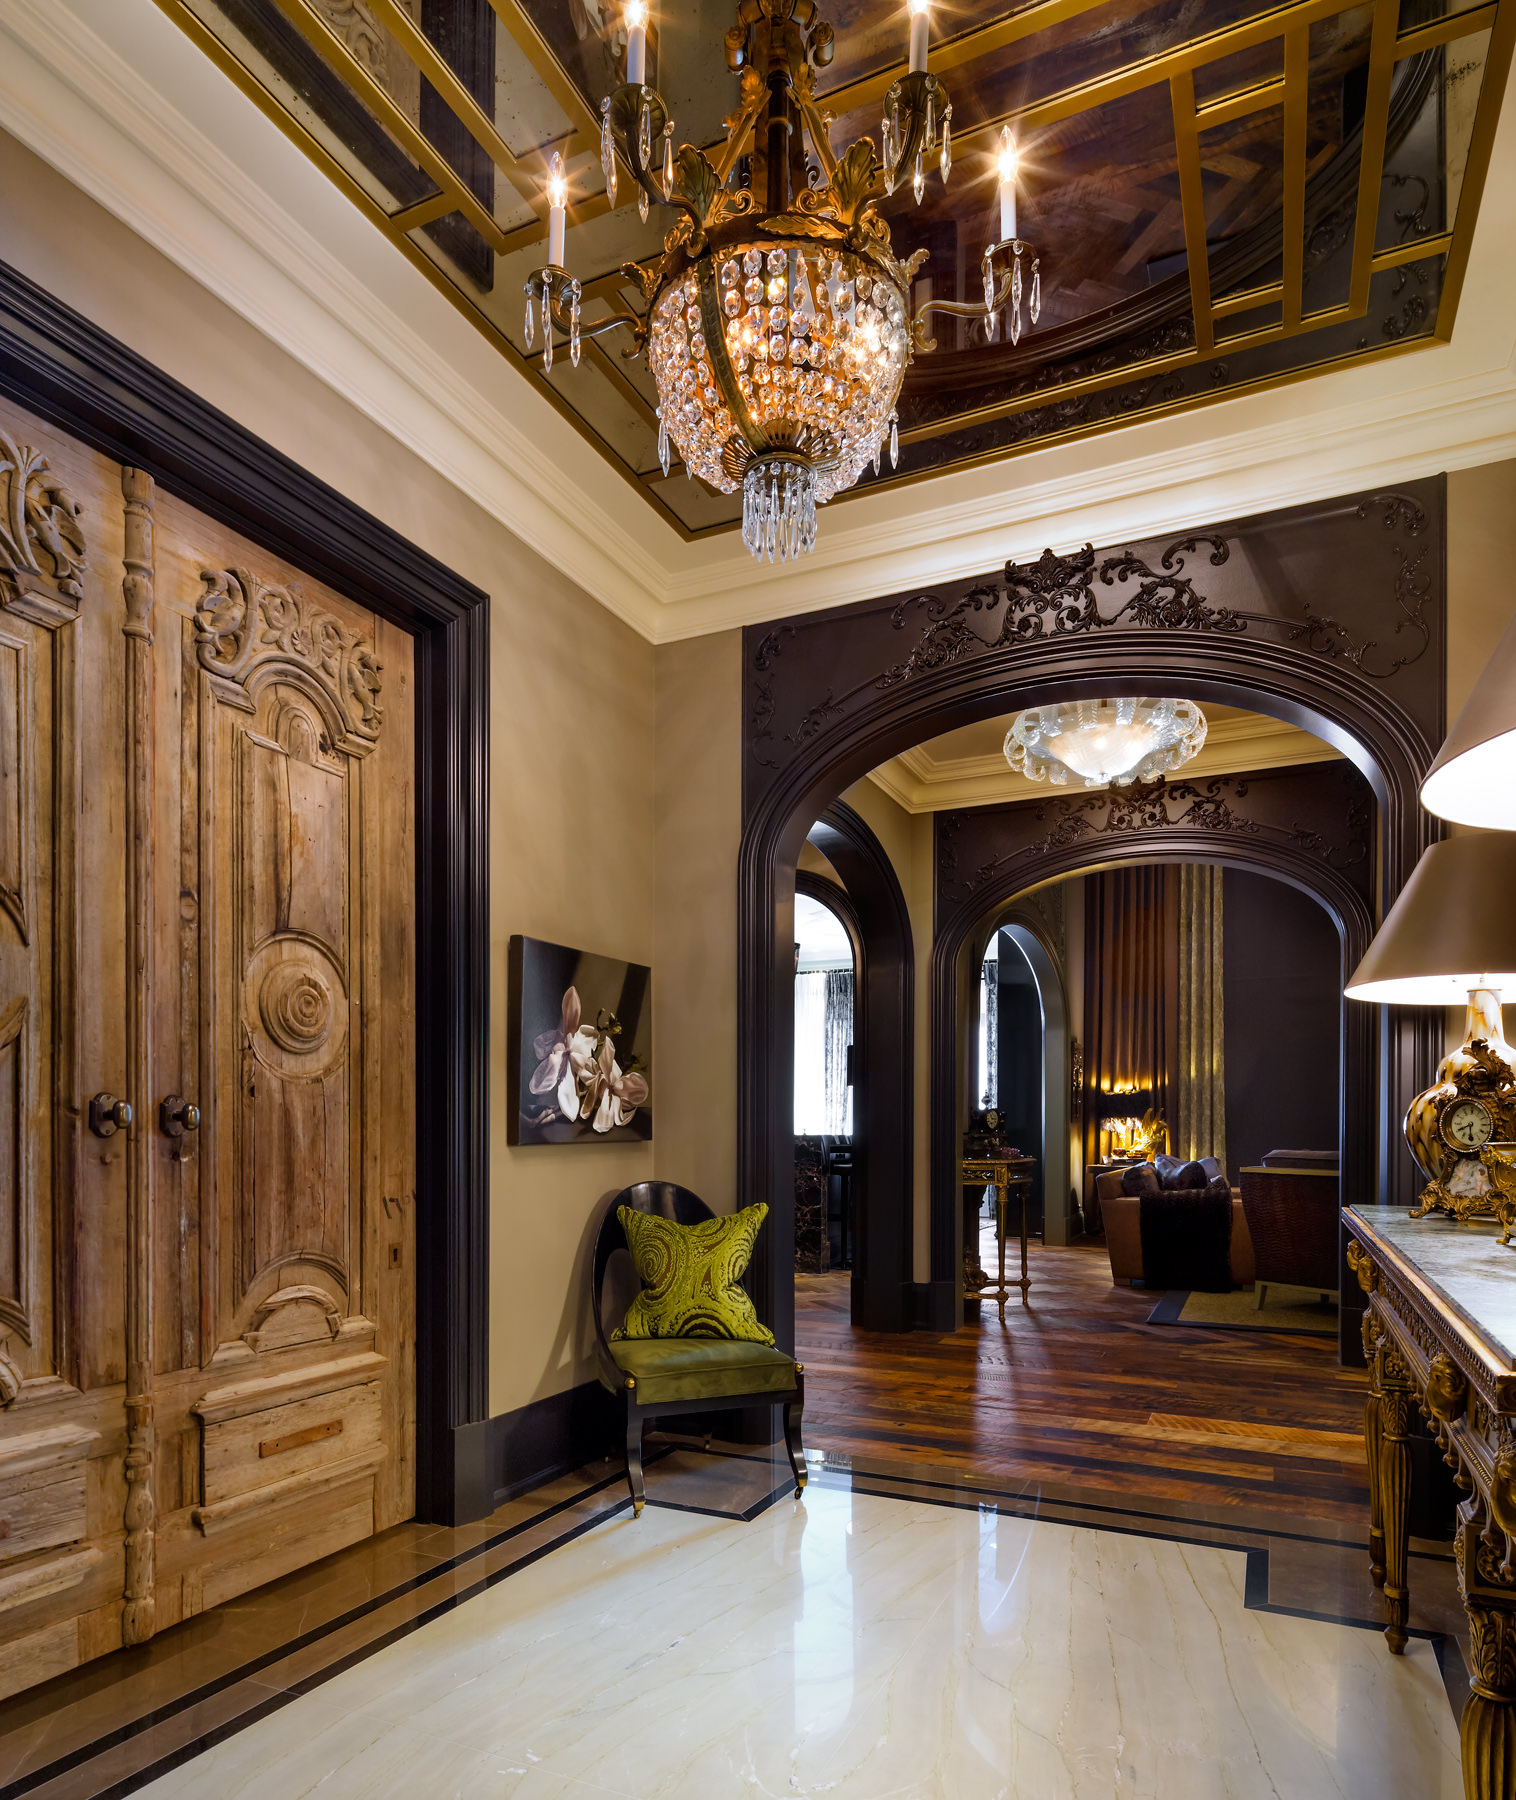 About Interior Design: Interior Designer Lori Morris